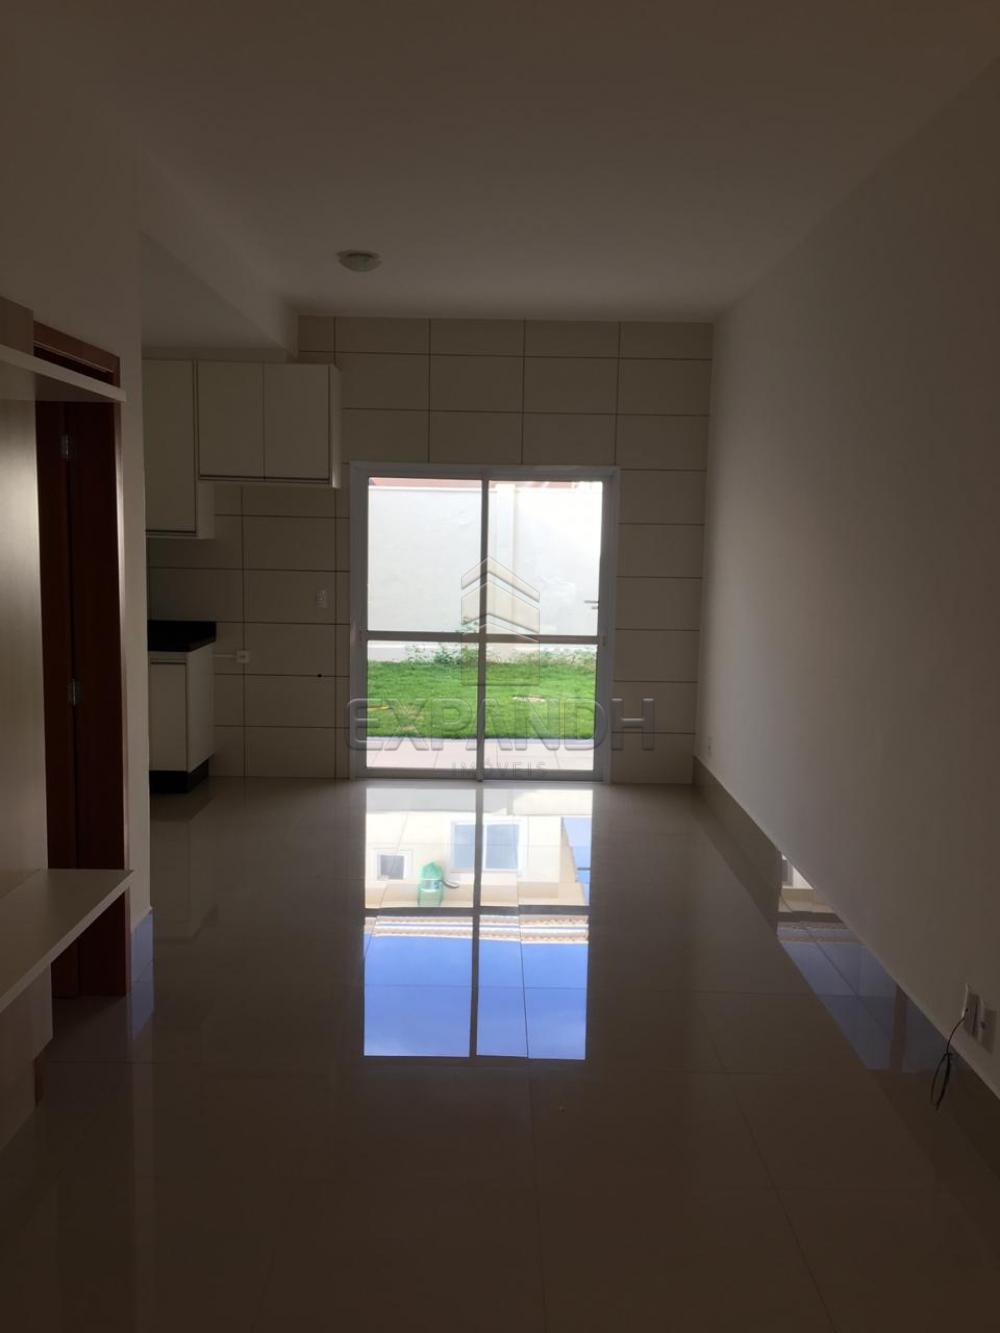 Alugar Casas / Condomínio em Sertãozinho R$ 1.200,00 - Foto 5